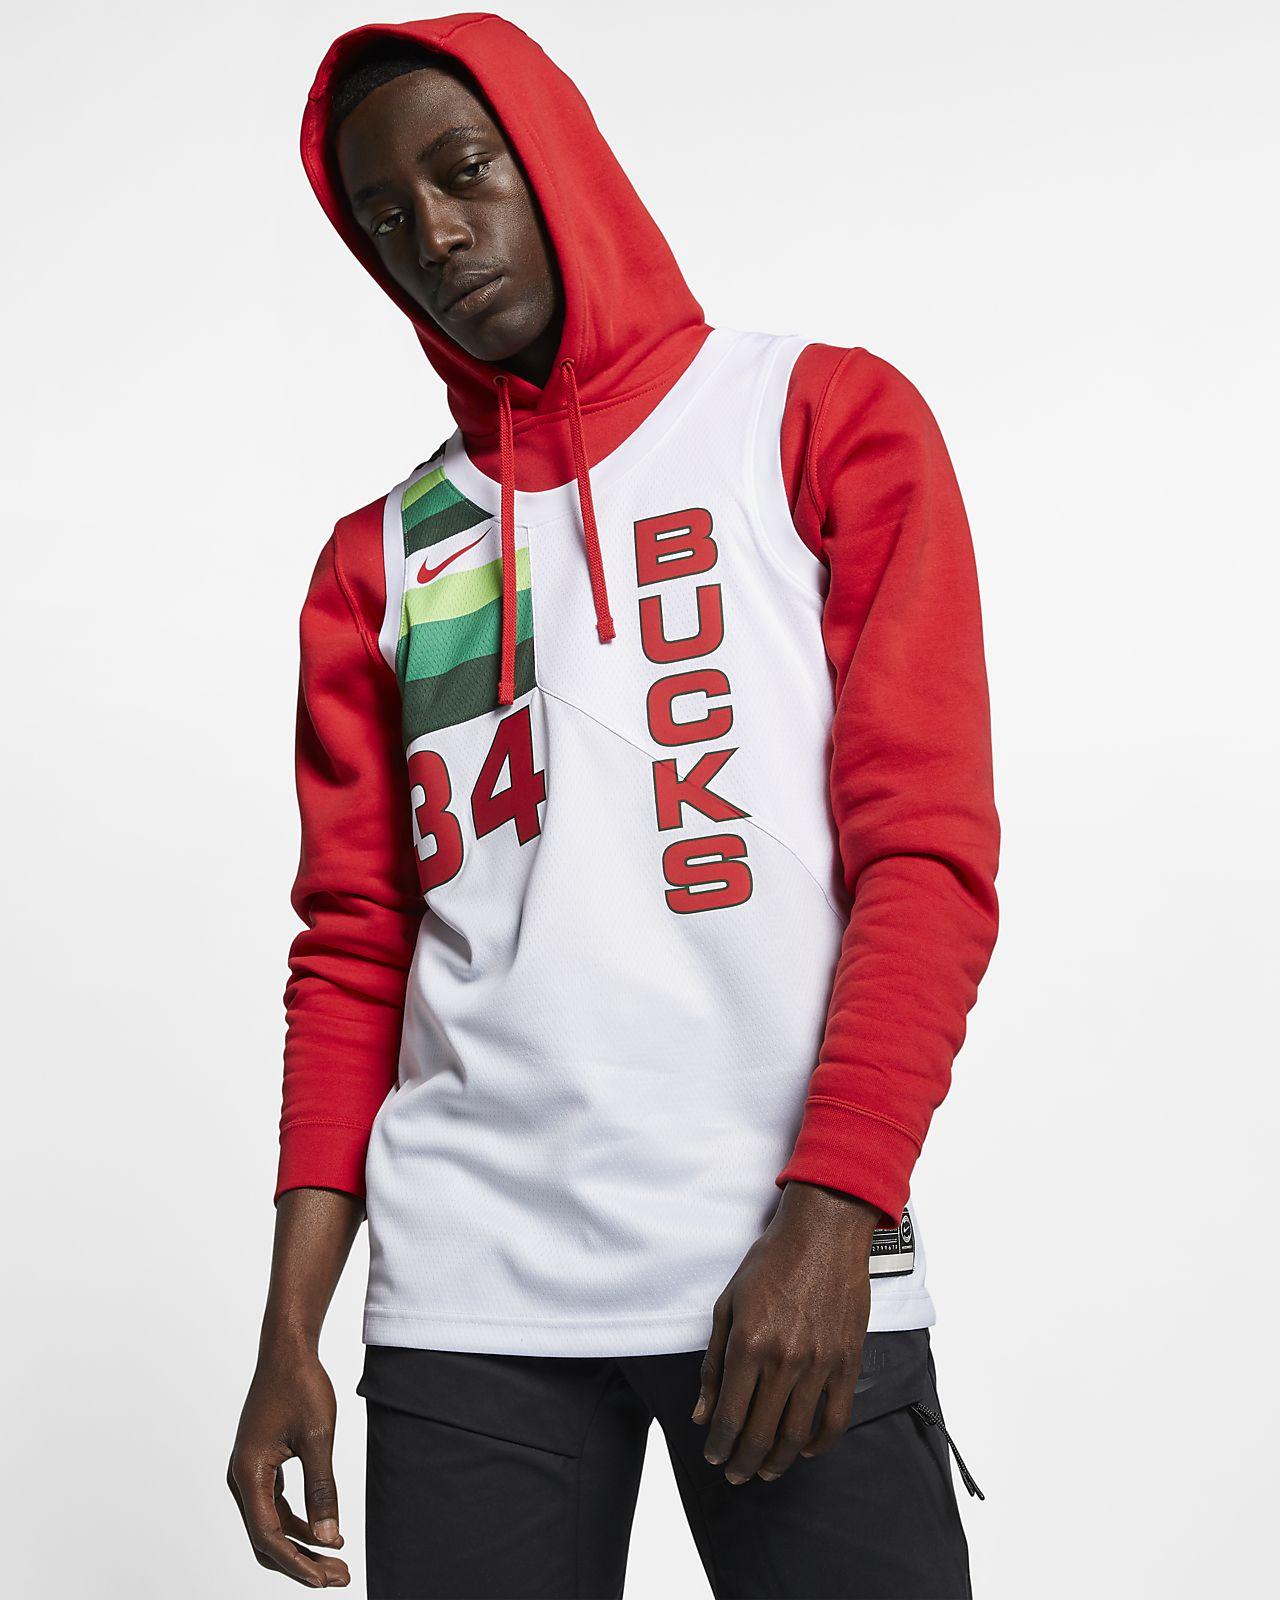 Camisola com ligação à NBA da Nike Giannis Antetokounmpo Earned City Edition Swingman (Milwaukee Bucks) para homem